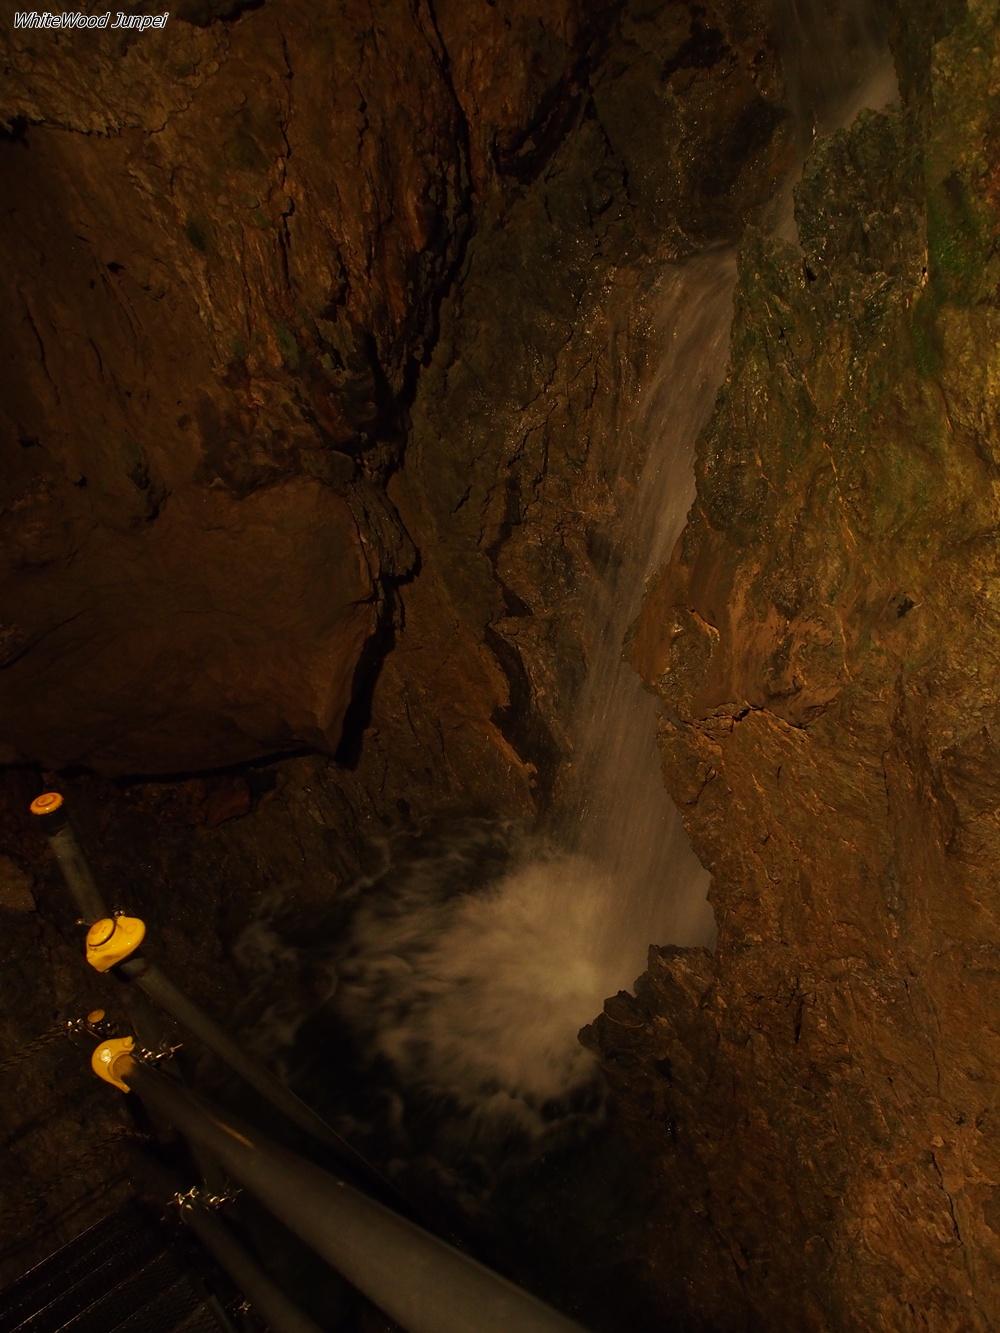 鍾乳洞の中の滝。